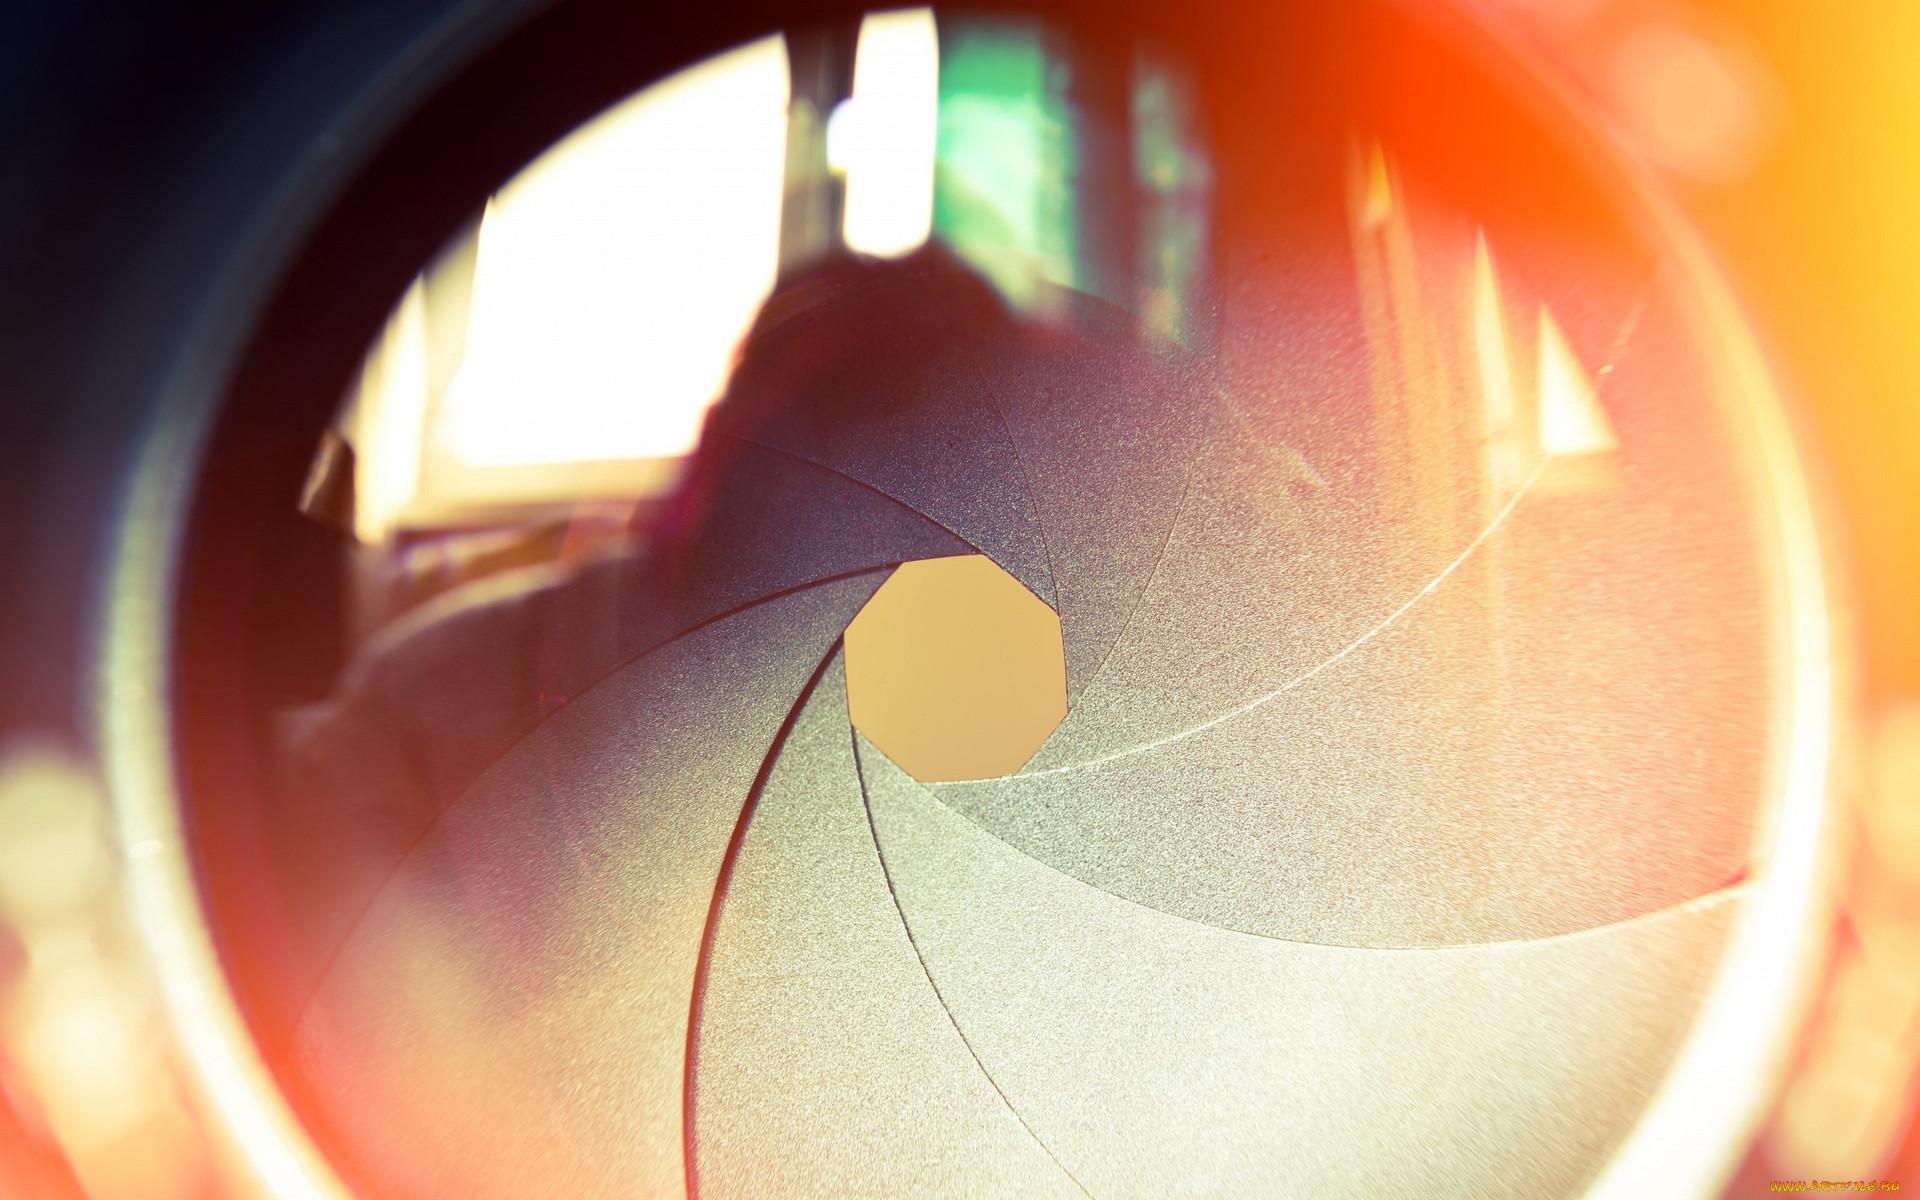 данный фокус фотоаппарата картинка особенности ловли